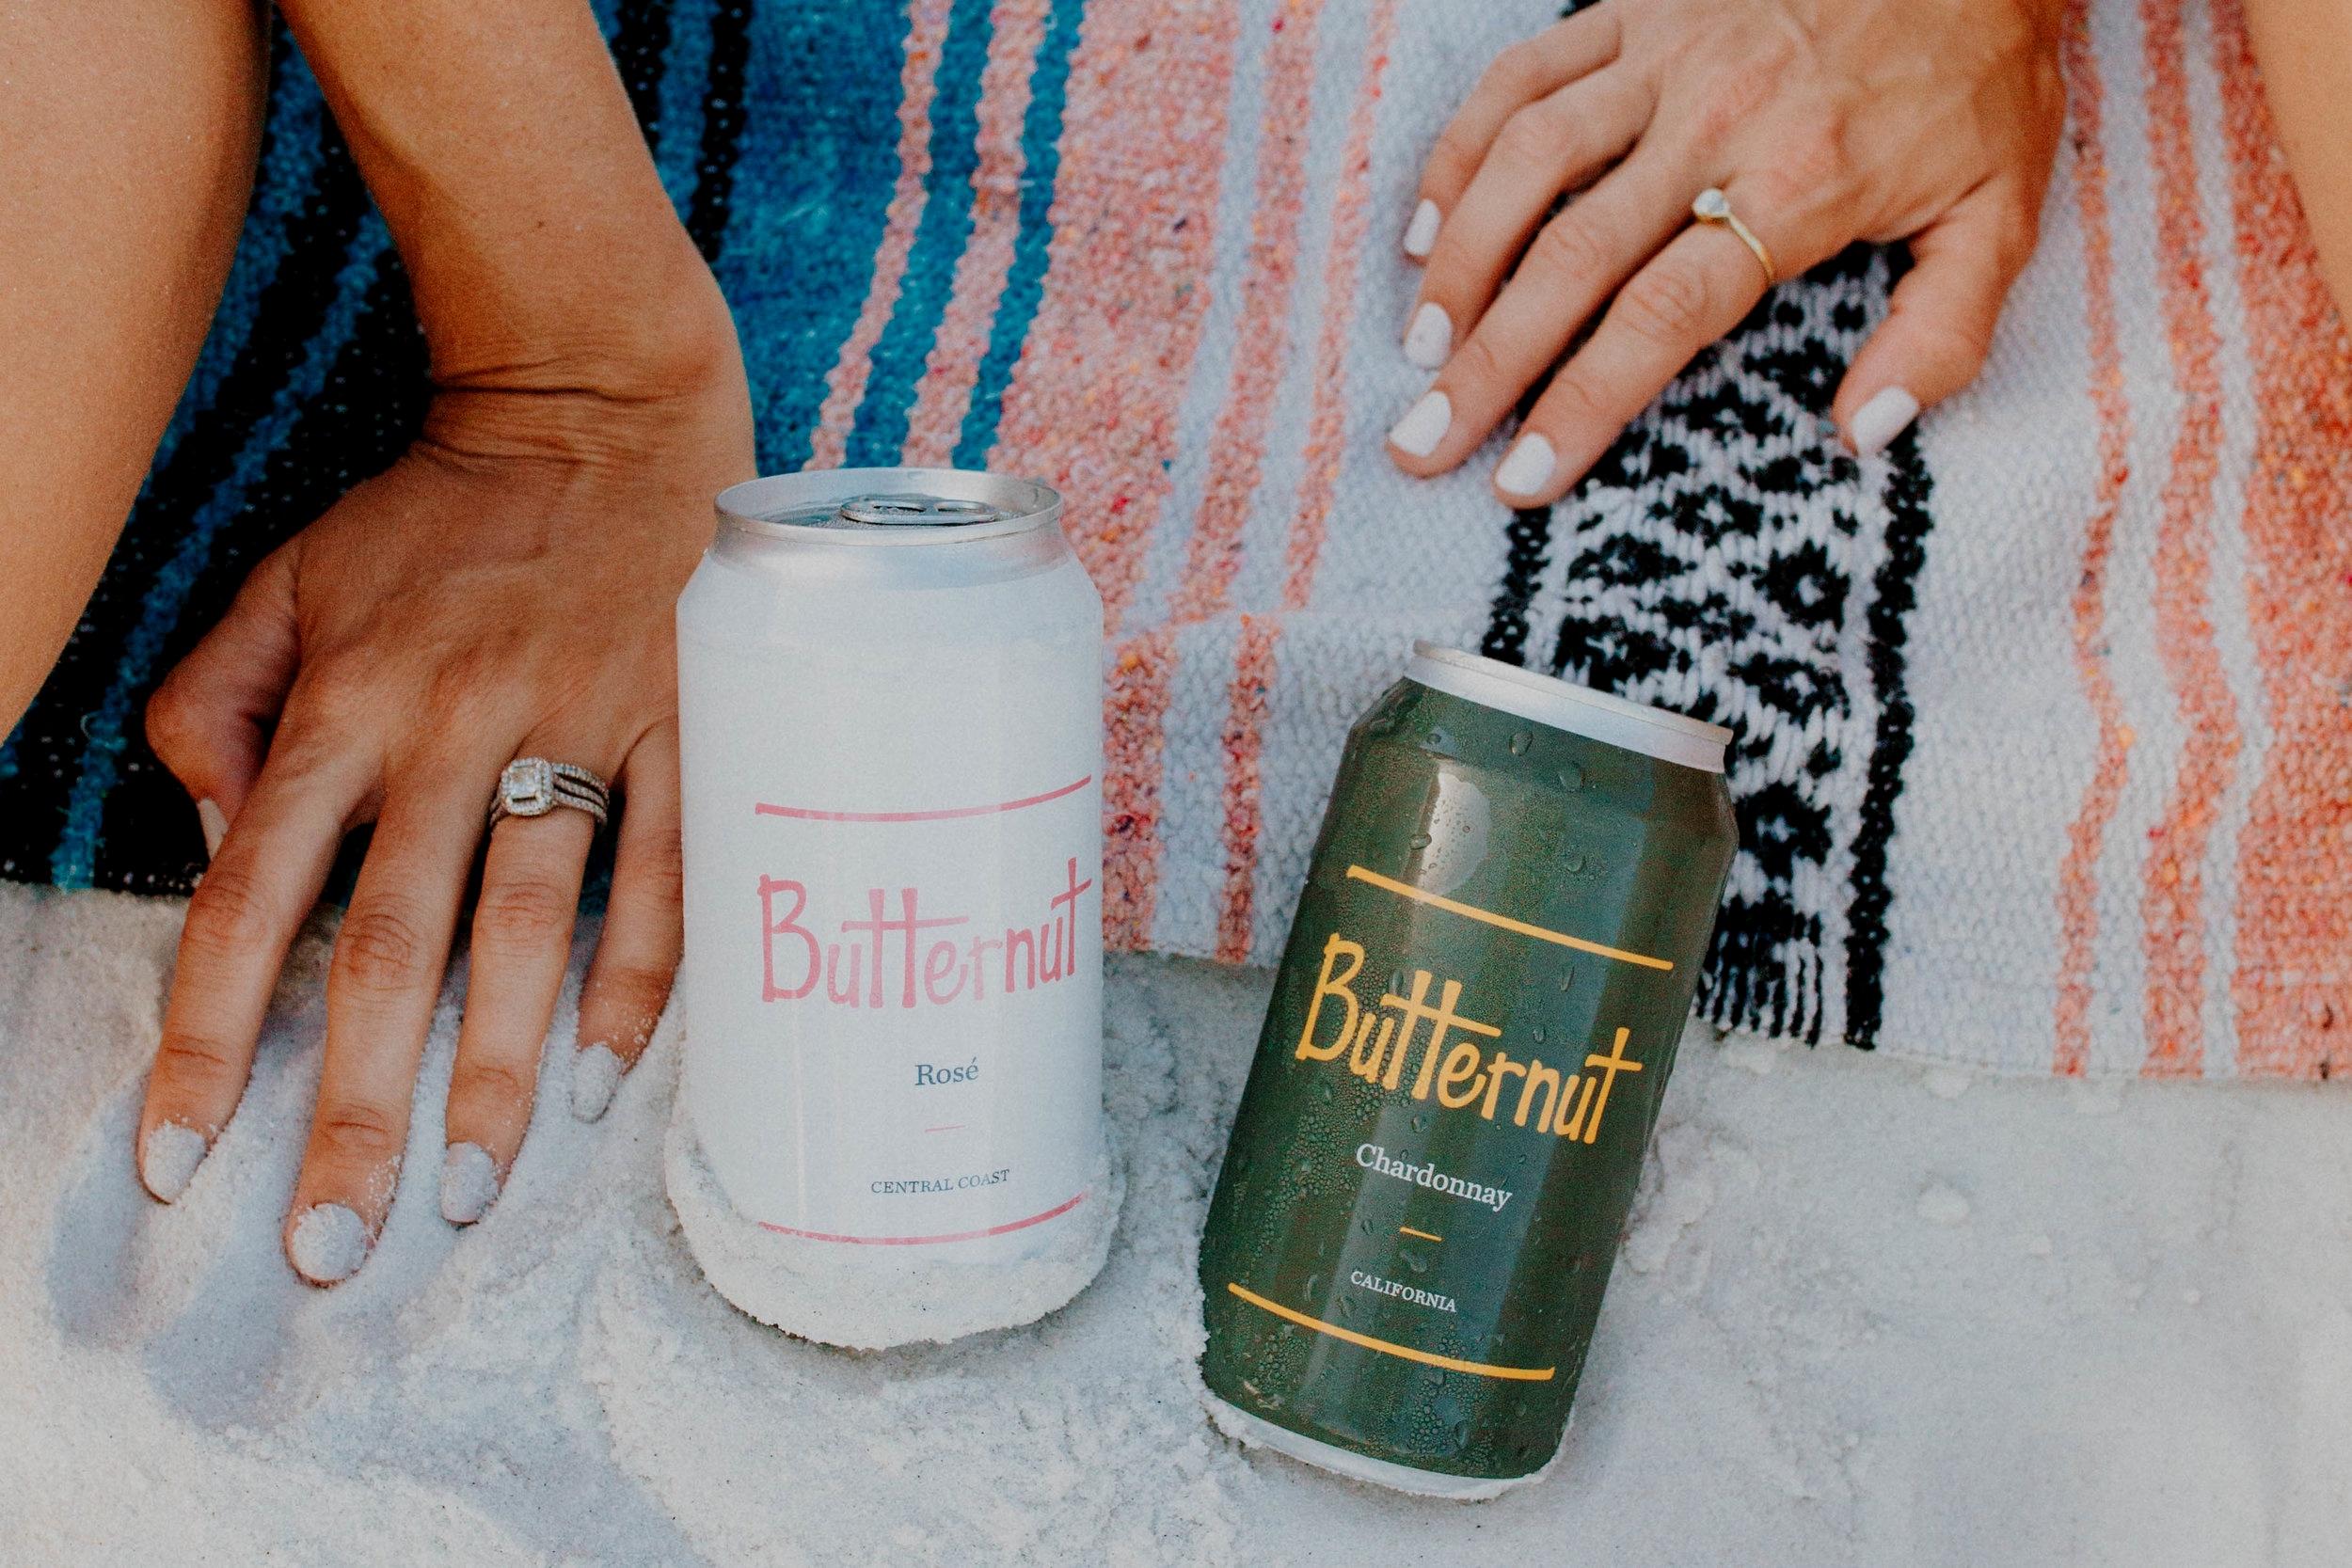 Butternut Wines - 2,800% increase in followers in under 6 months